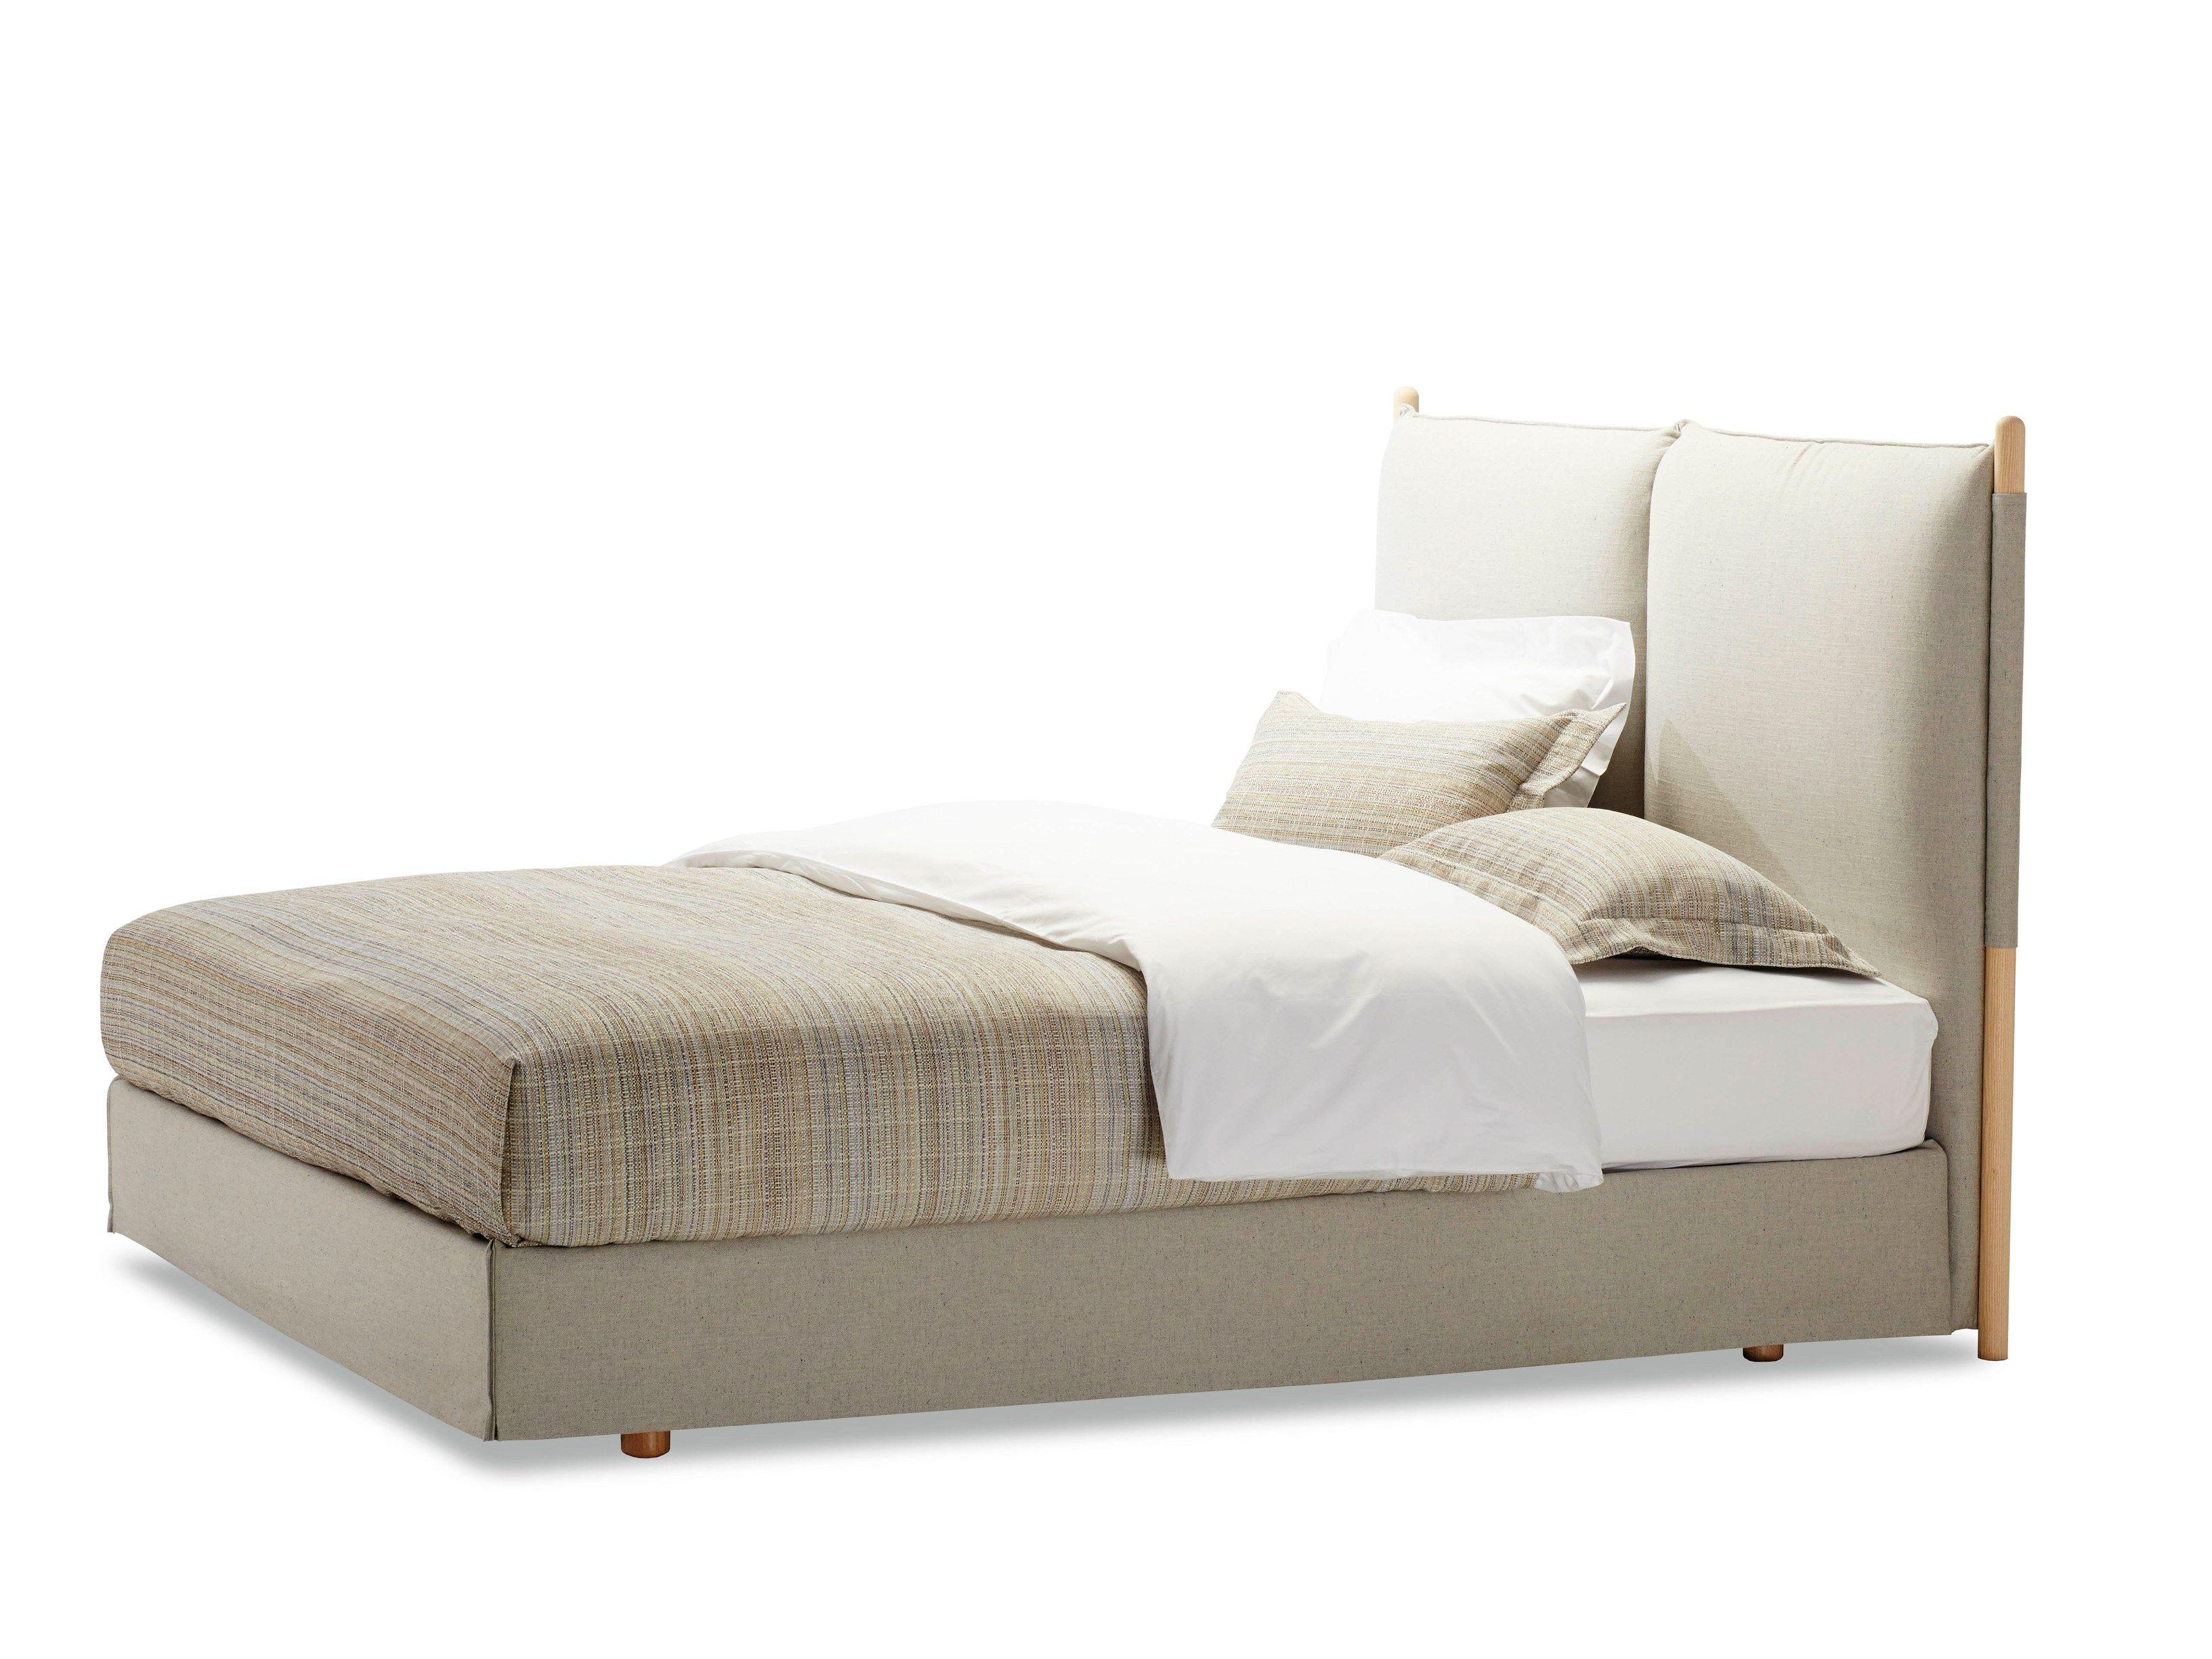 letto matrimoniale some day by schramm werkst tten design hanne willmann. Black Bedroom Furniture Sets. Home Design Ideas